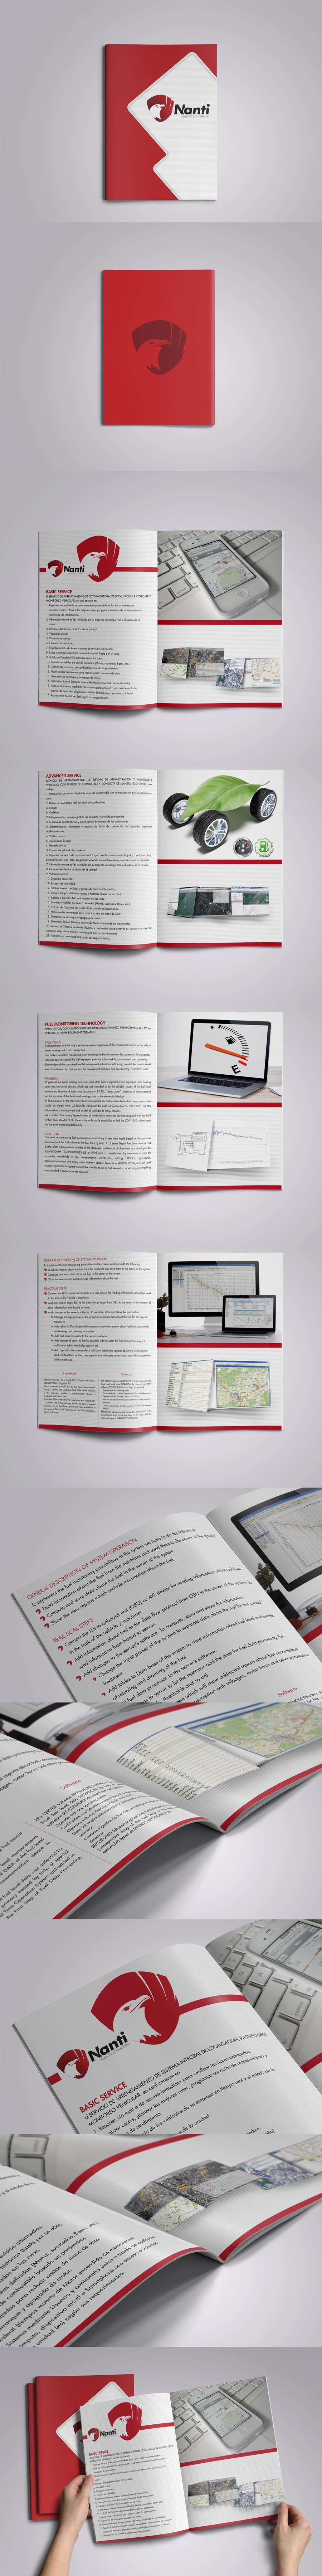 Kilpailutyö #54 kilpailussa Brochure Design for Telematic Fleet Management System Company